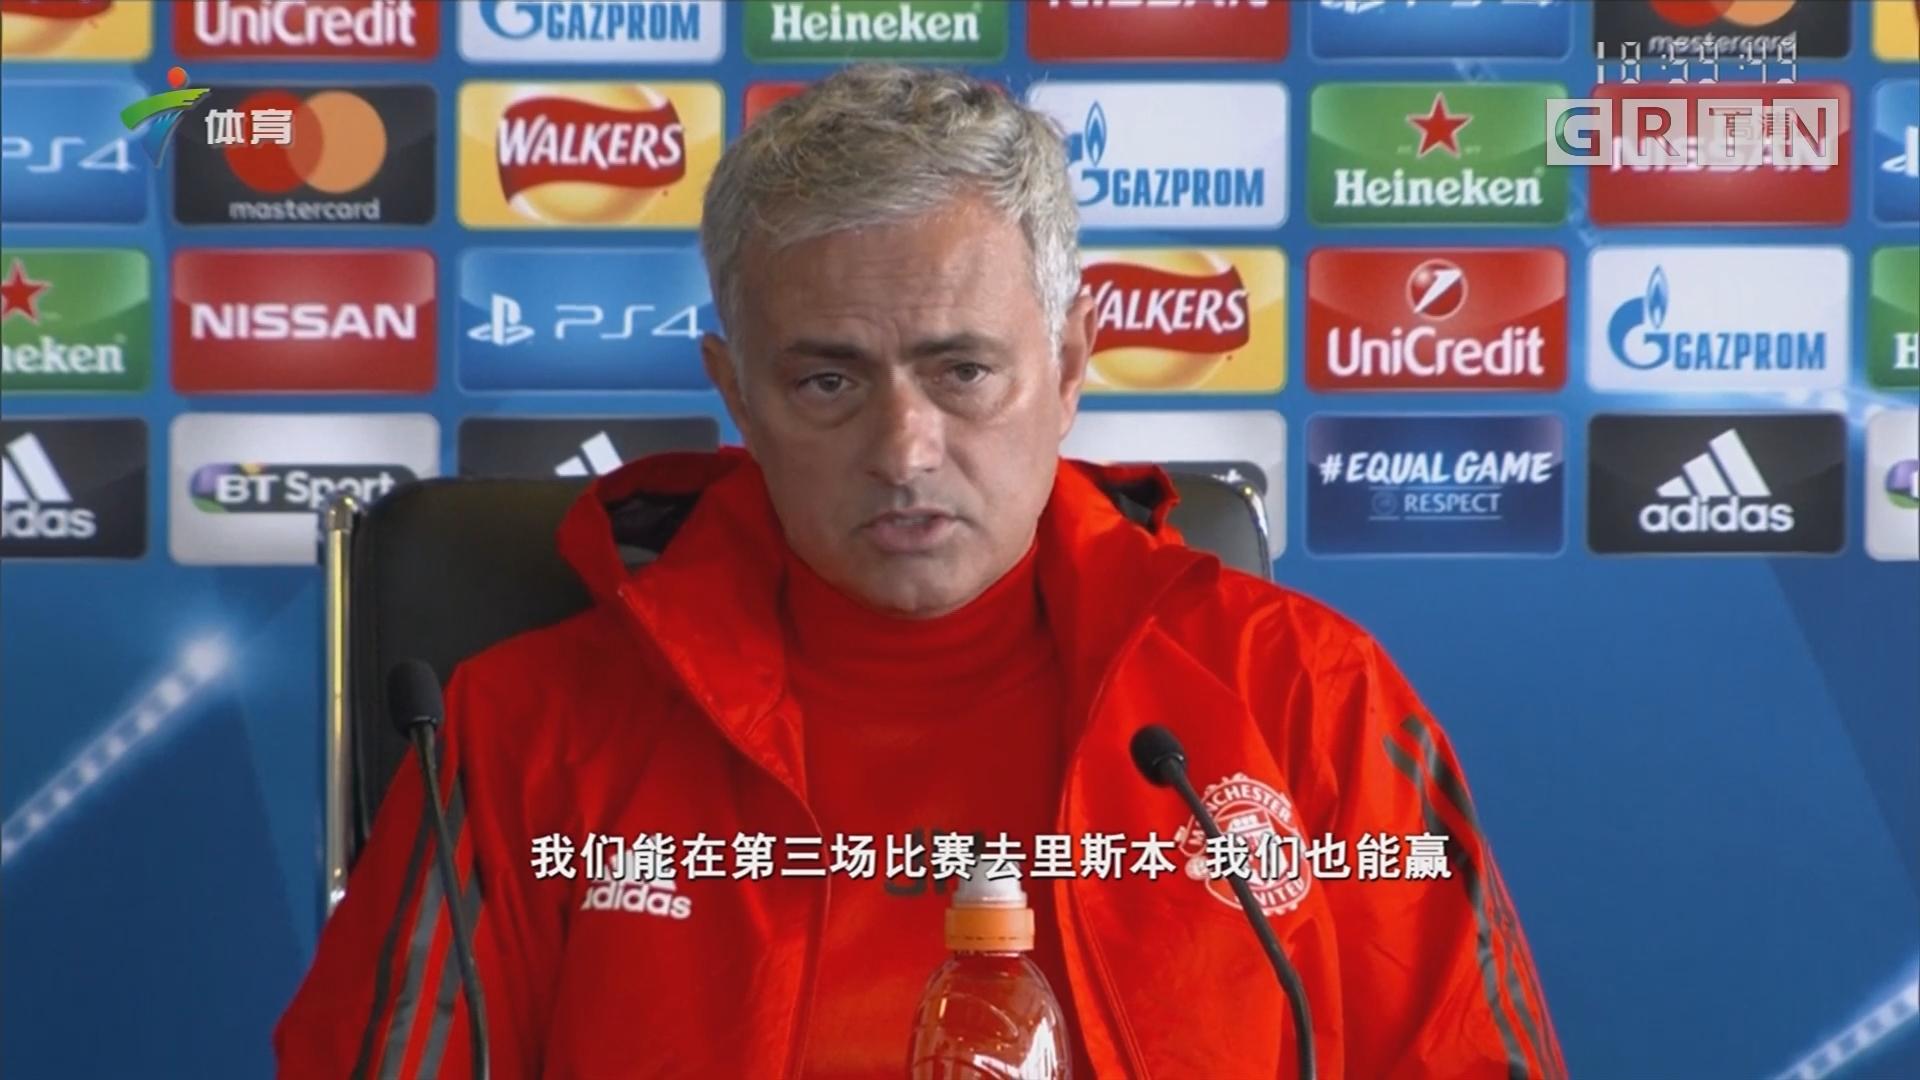 穆里尼奥:要战胜所有欧冠对手